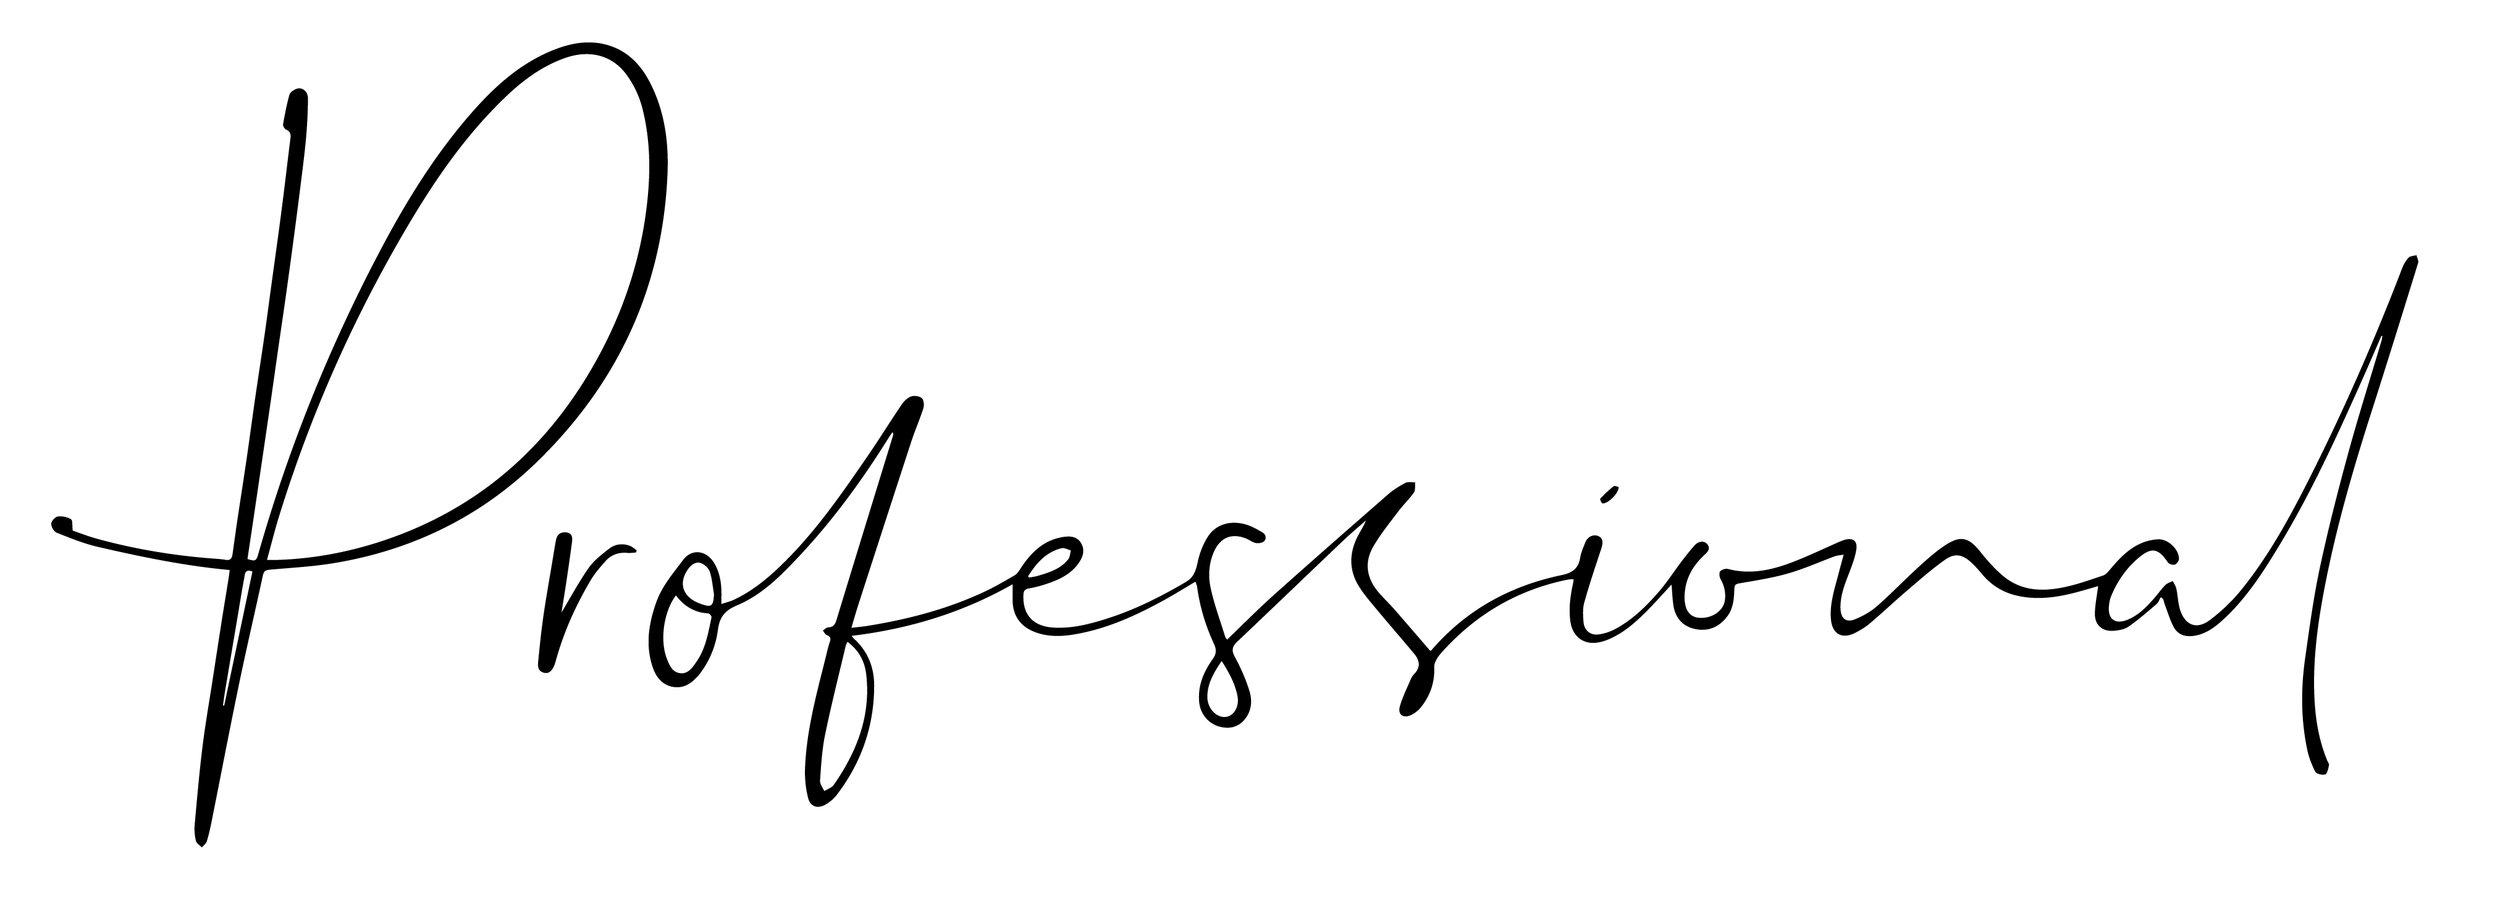 sophistication-elegance-grace-julie-nicholls-weddings-01.jpg